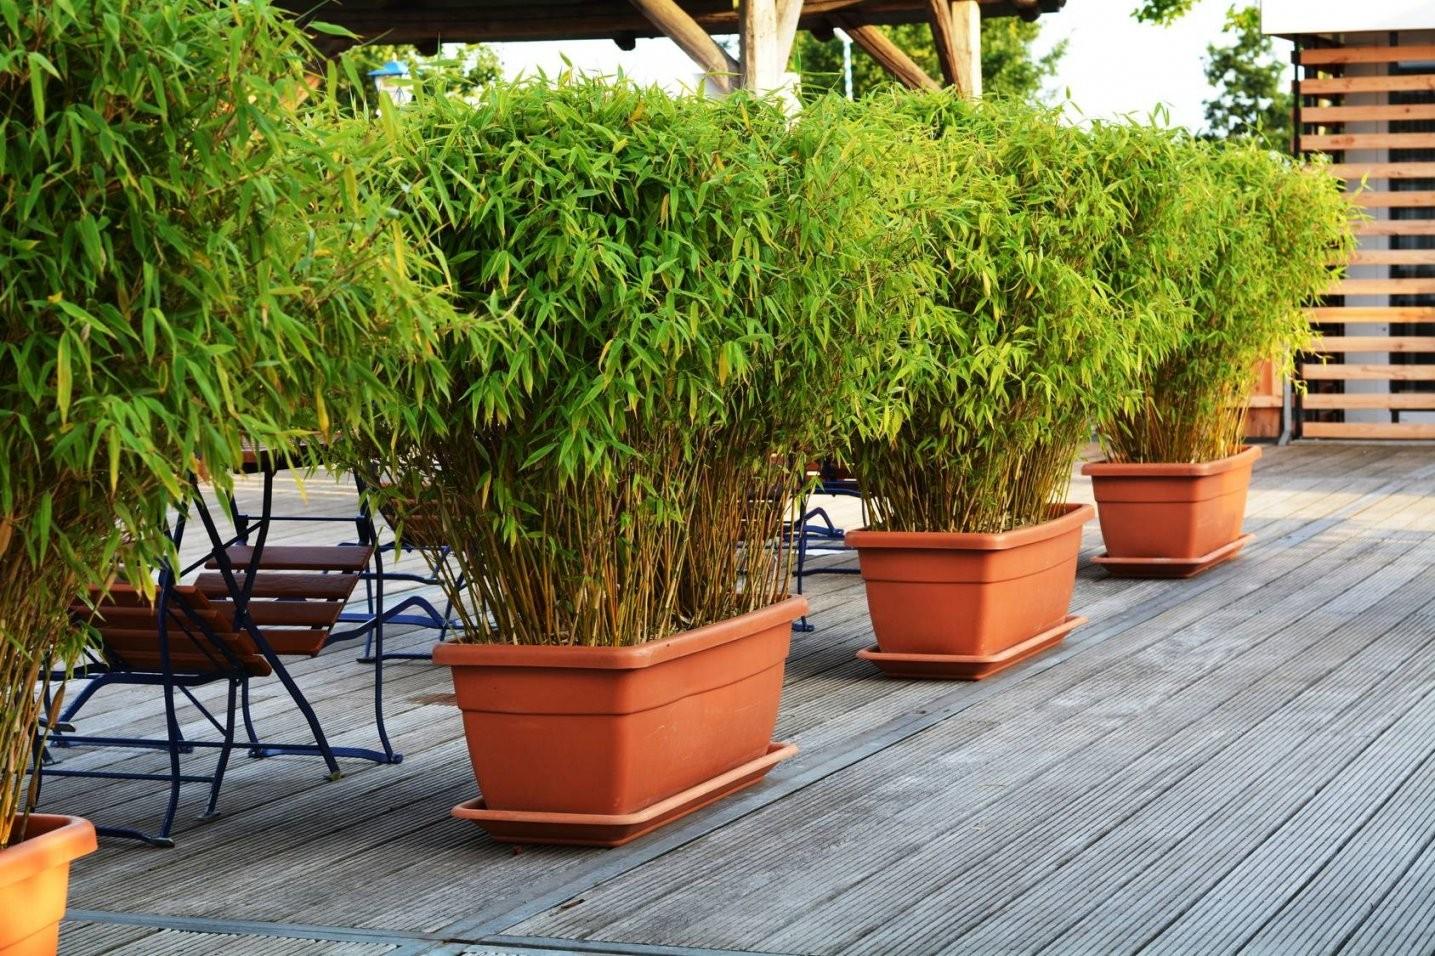 Balkon Sichtschutz Pflanzen Frisch Sichtschutz Terrasse Auf Von von Pflanzen Als Sichtschutz Terrasse Photo